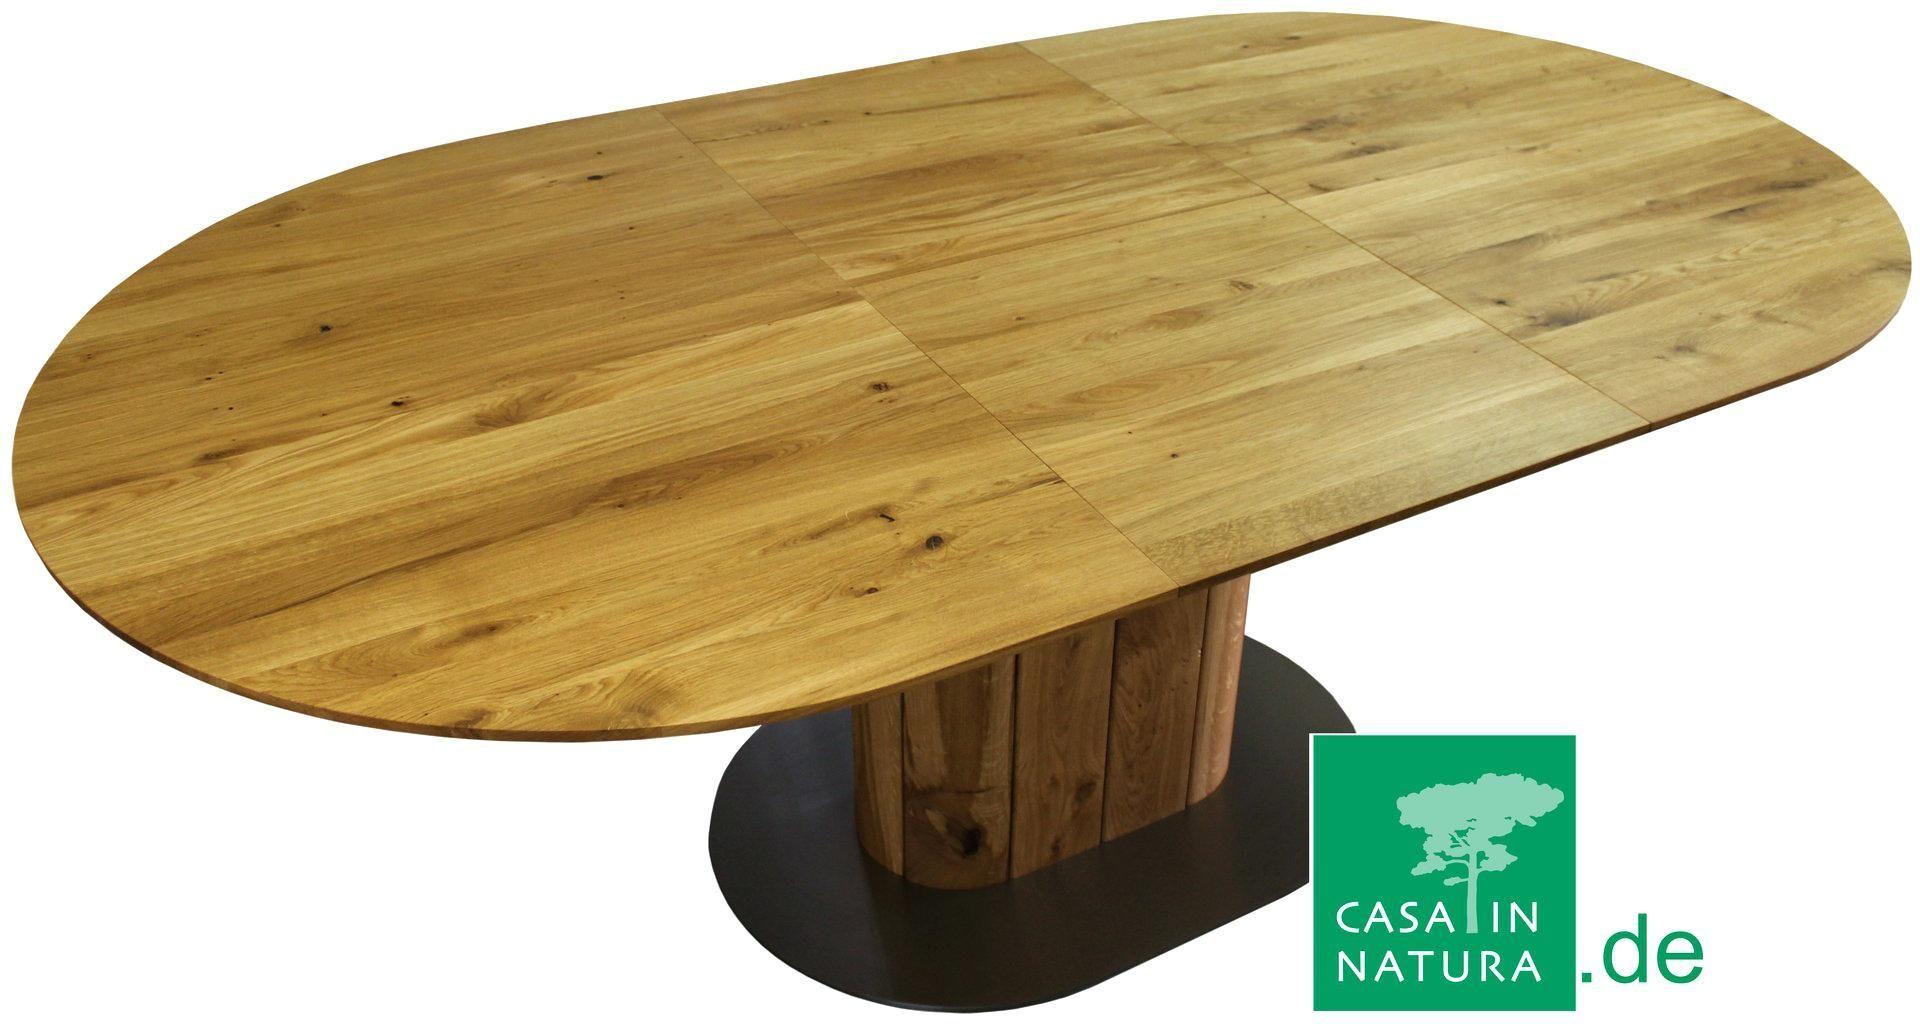 Nett Esstisch O Esstisch Kucheweib Nett In 2020 Dining Table Furniture Dining Table Table